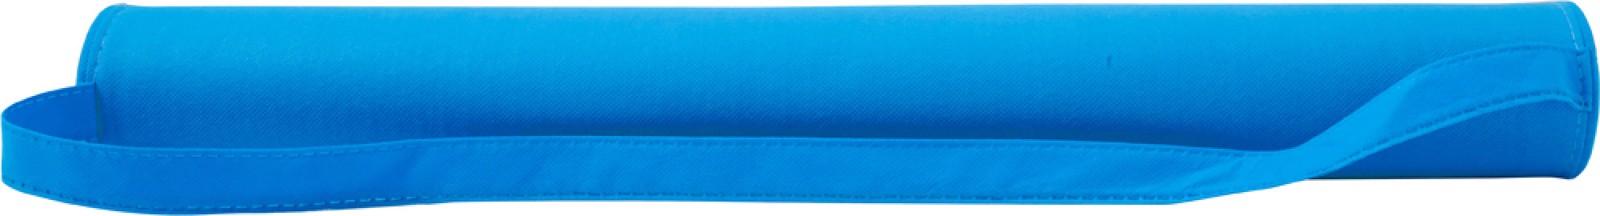 Nonwoven (80 gr/m²) beach mat - Light Blue